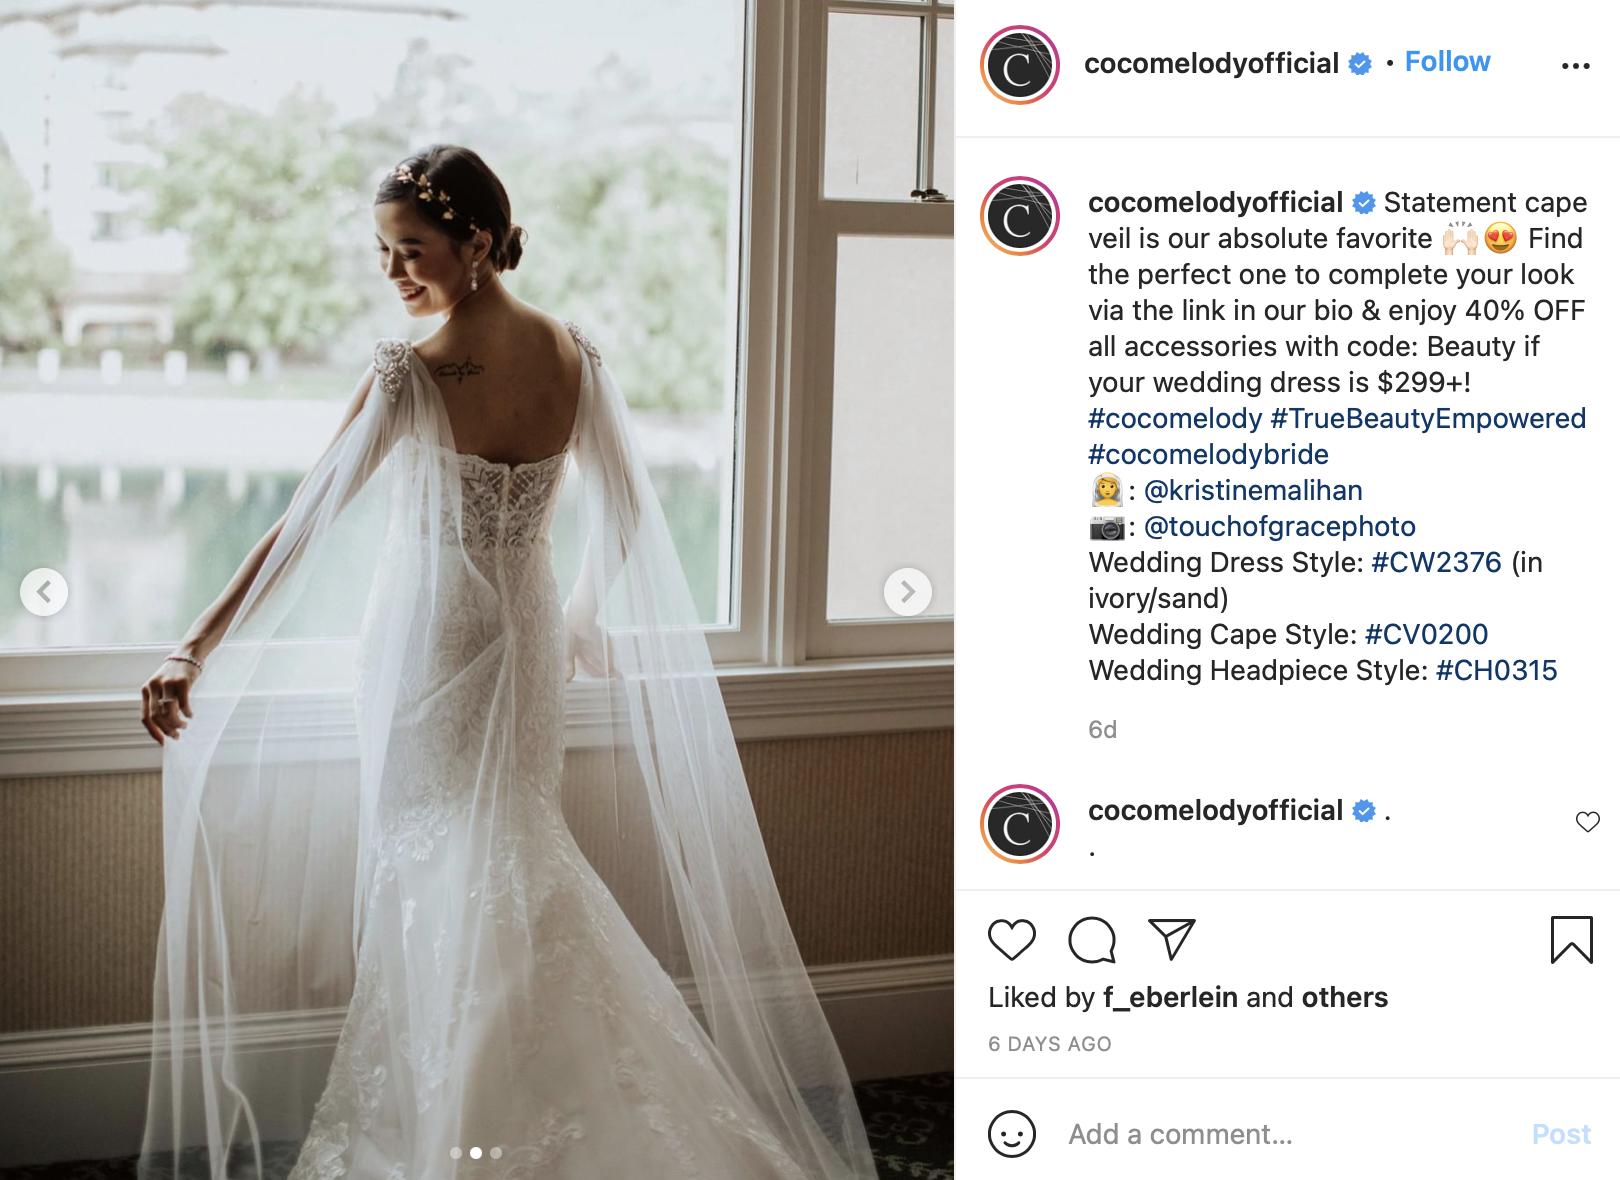 shoulder capes on wedding dress